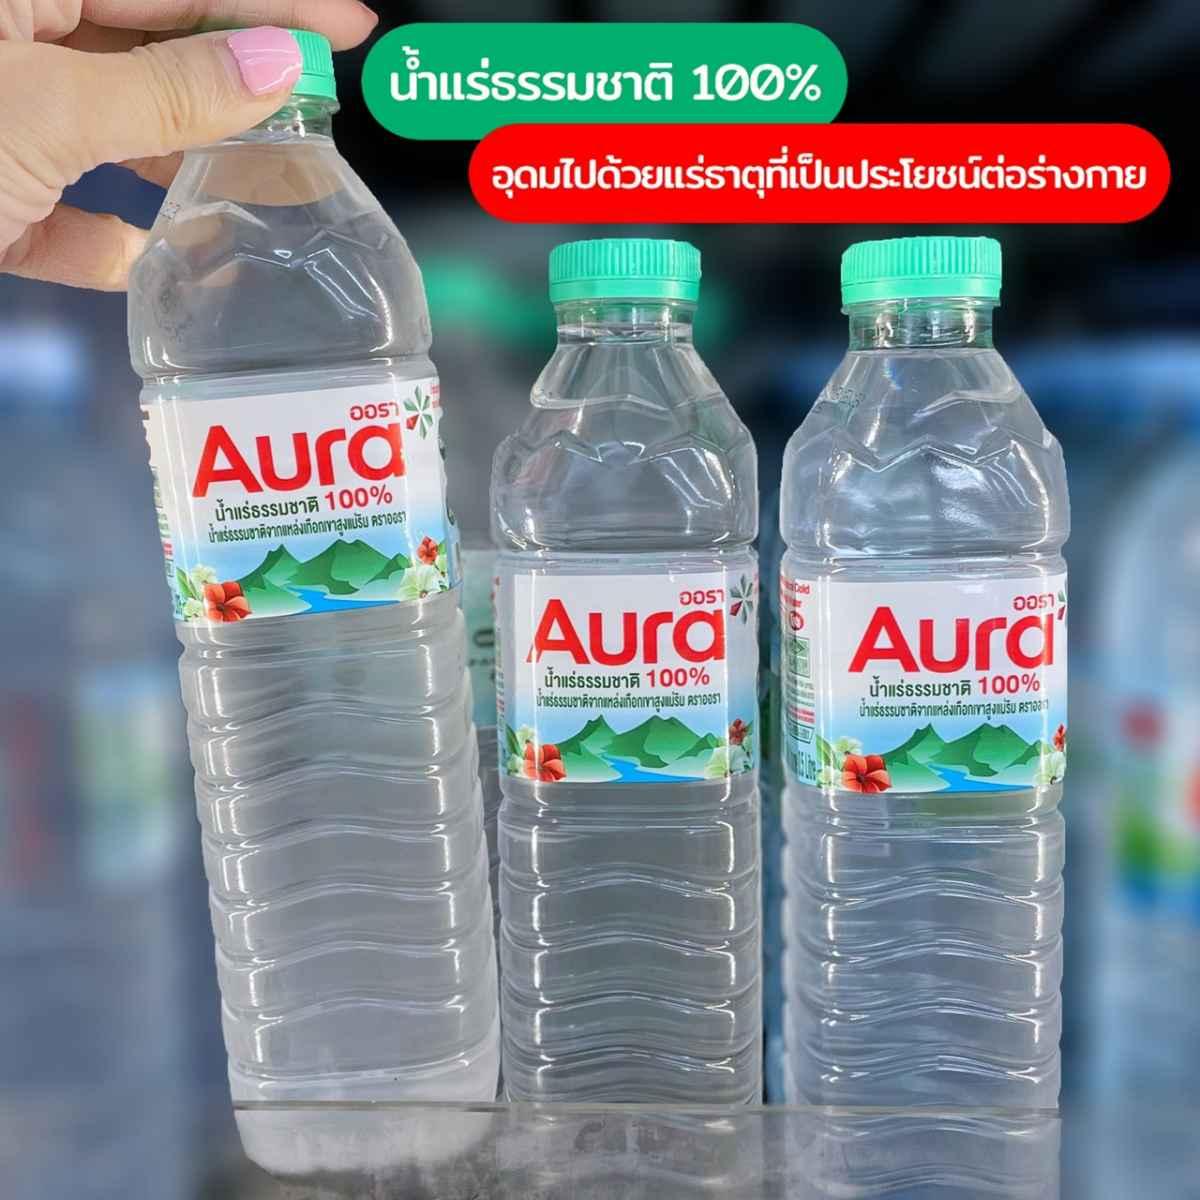 น้ำแร่ธรรมชาติแท้ 100%